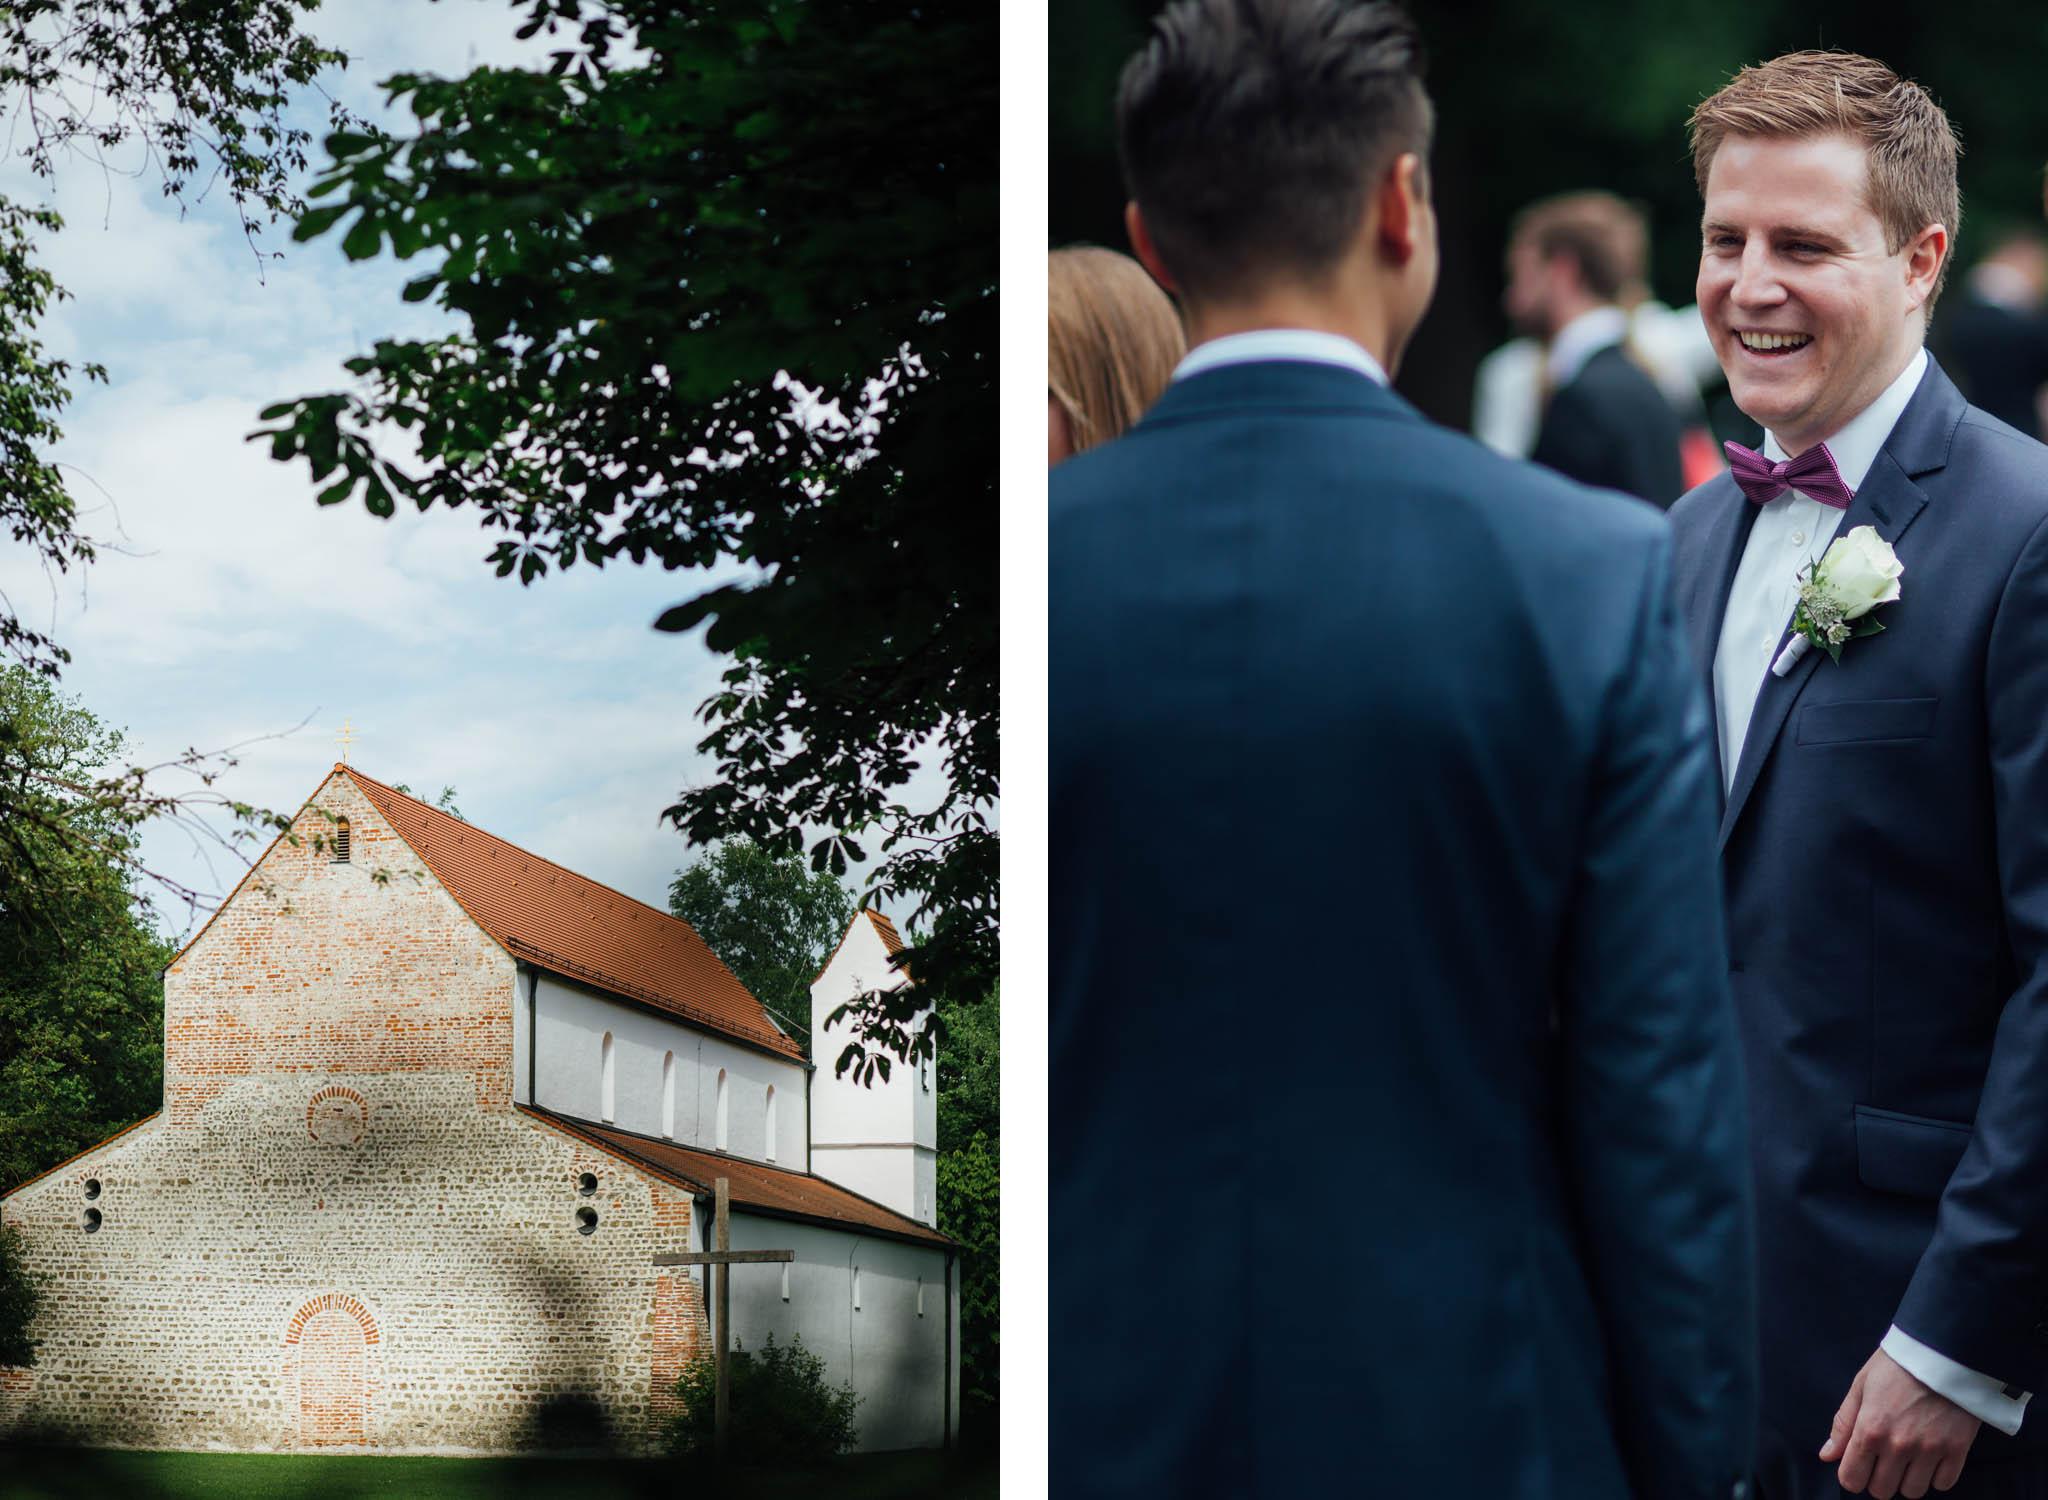 hochzeitsreportage-münchen-bräutigam-kirche